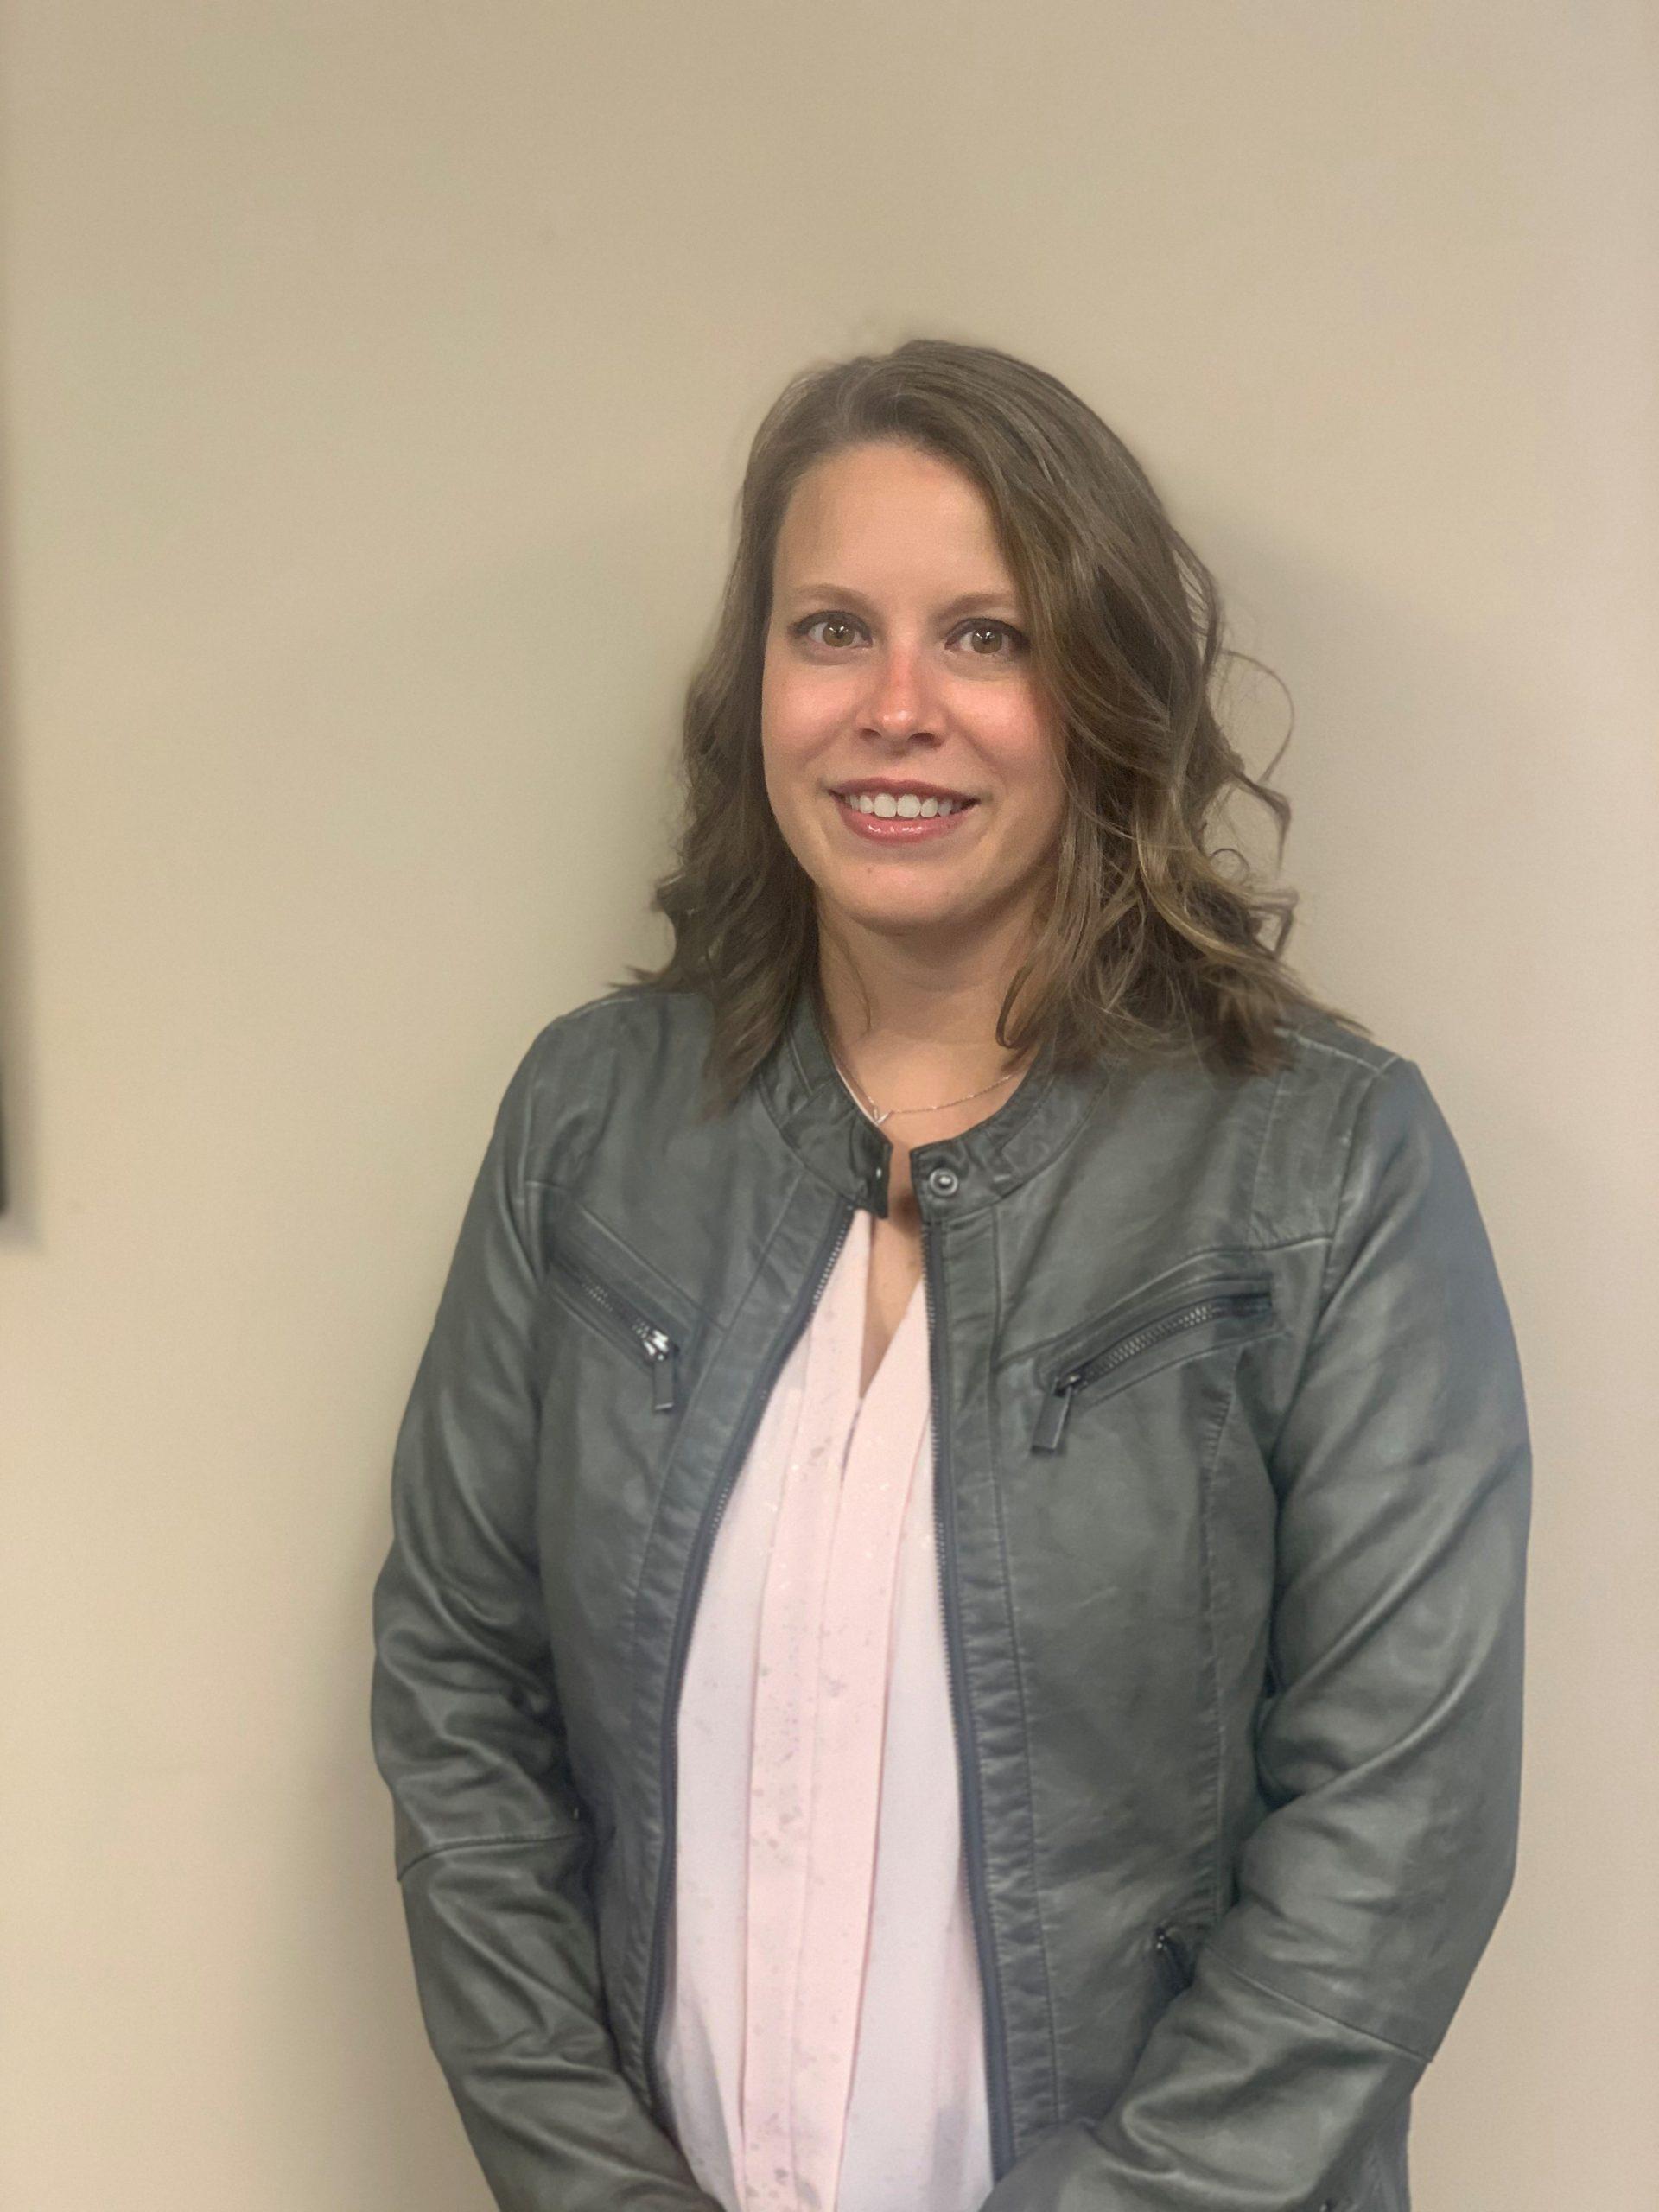 Sarah Vitzthum, MA, LCPC